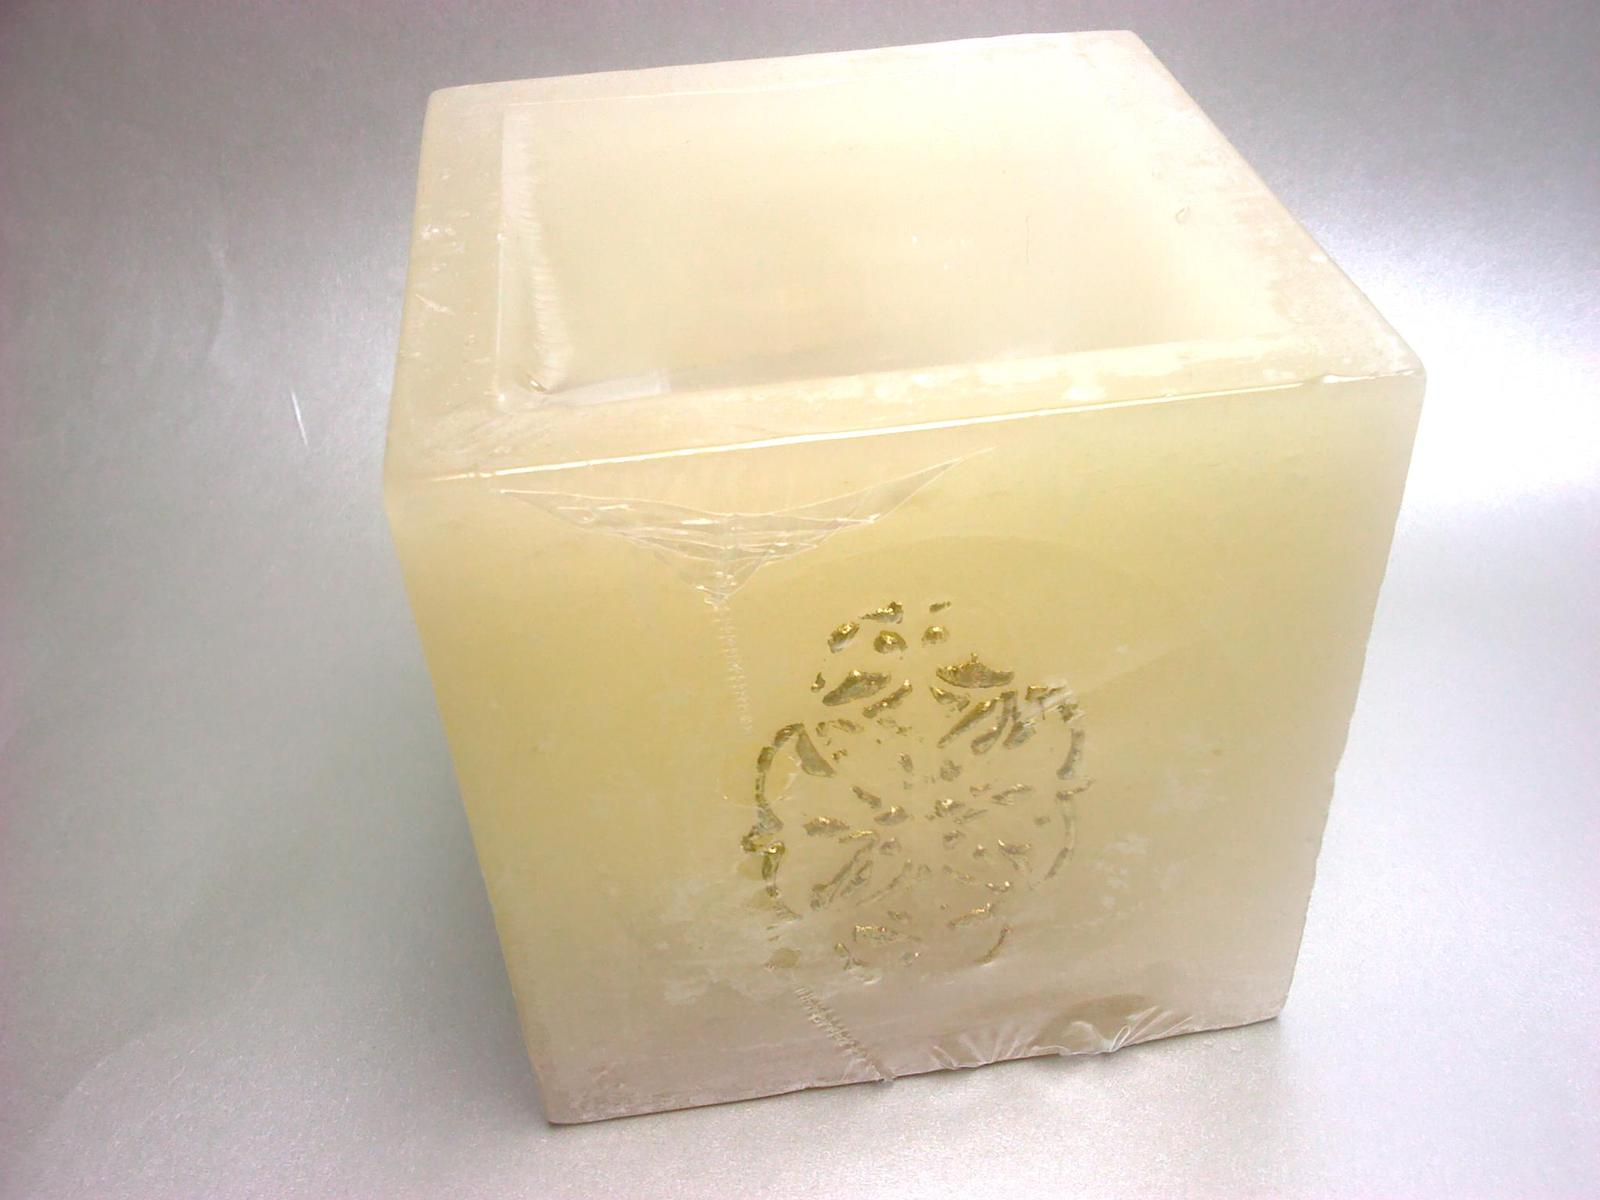 Naša Handmade :) - Ešte drobnosti do vyzdoby... Je to akože sviečka, ale funguje ako svietnik na čajovú sviečku :)